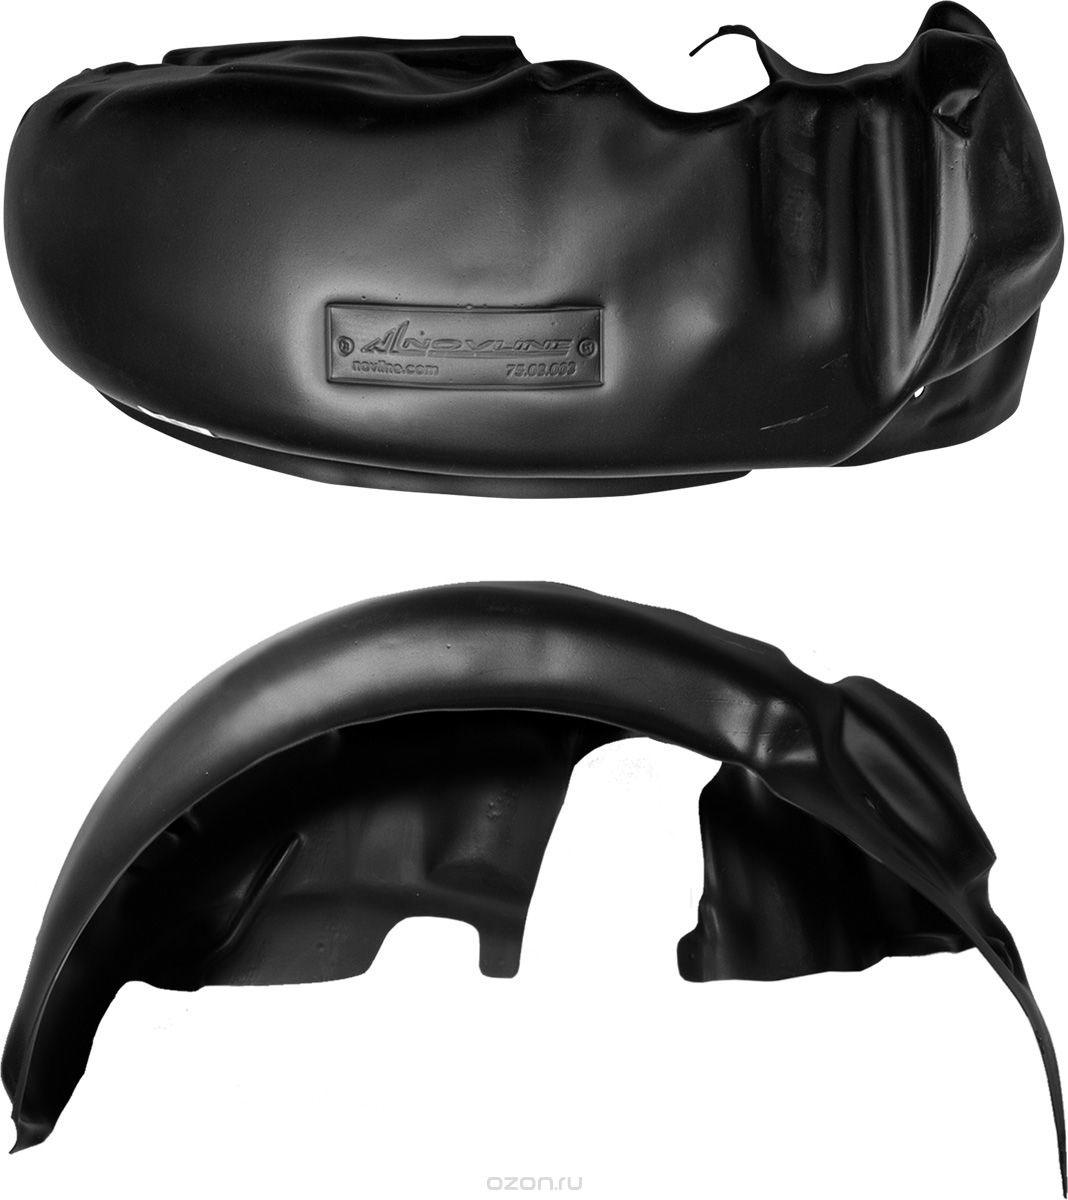 Подкрылок Novline-Autofamily, для Skoda Octavia, 2013->, седан, задний правыйNLL.45.06.004Идеальная защита колесной ниши. Локеры разработаны с применением цифровых технологий, гарантируют максимальную повторяемость поверхности арки. Изделия устанавливаются без нарушения лакокрасочного покрытия автомобиля, каждый подкрылок комплектуется крепежом. Уважаемые клиенты, обращаем ваше внимание, что фотографии на подкрылки универсальные и не отражают реальную форму изделия. При этом само изделие идет точно под размер указанного автомобиля.